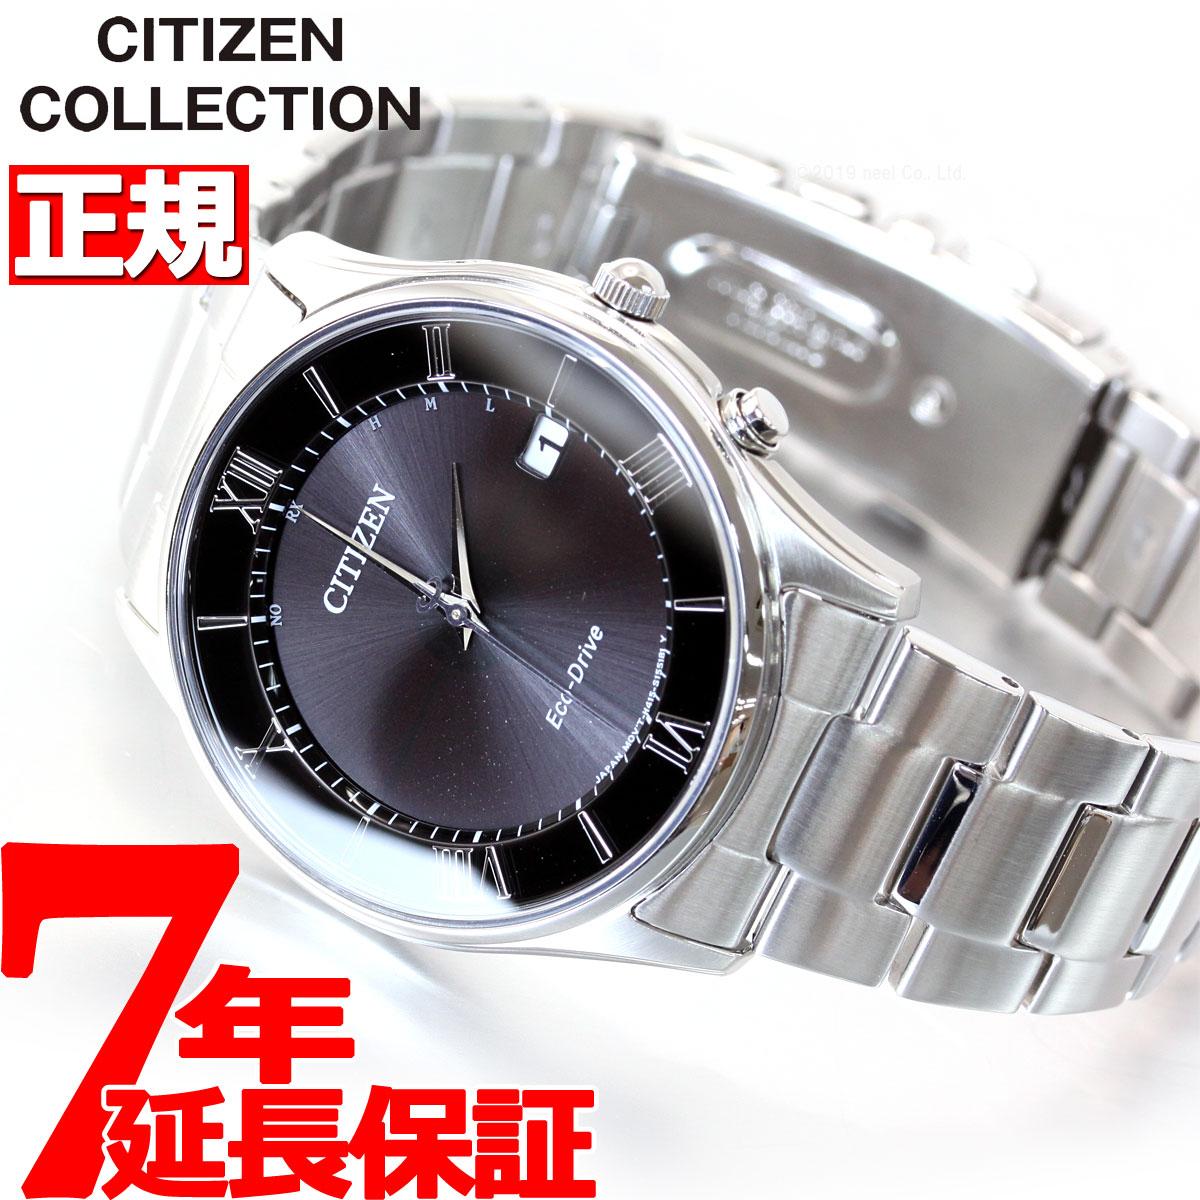 シチズンコレクション CITIZEN COLLECTION エコドライブ ソーラー 電波時計 腕時計 メンズ AS1060-54E